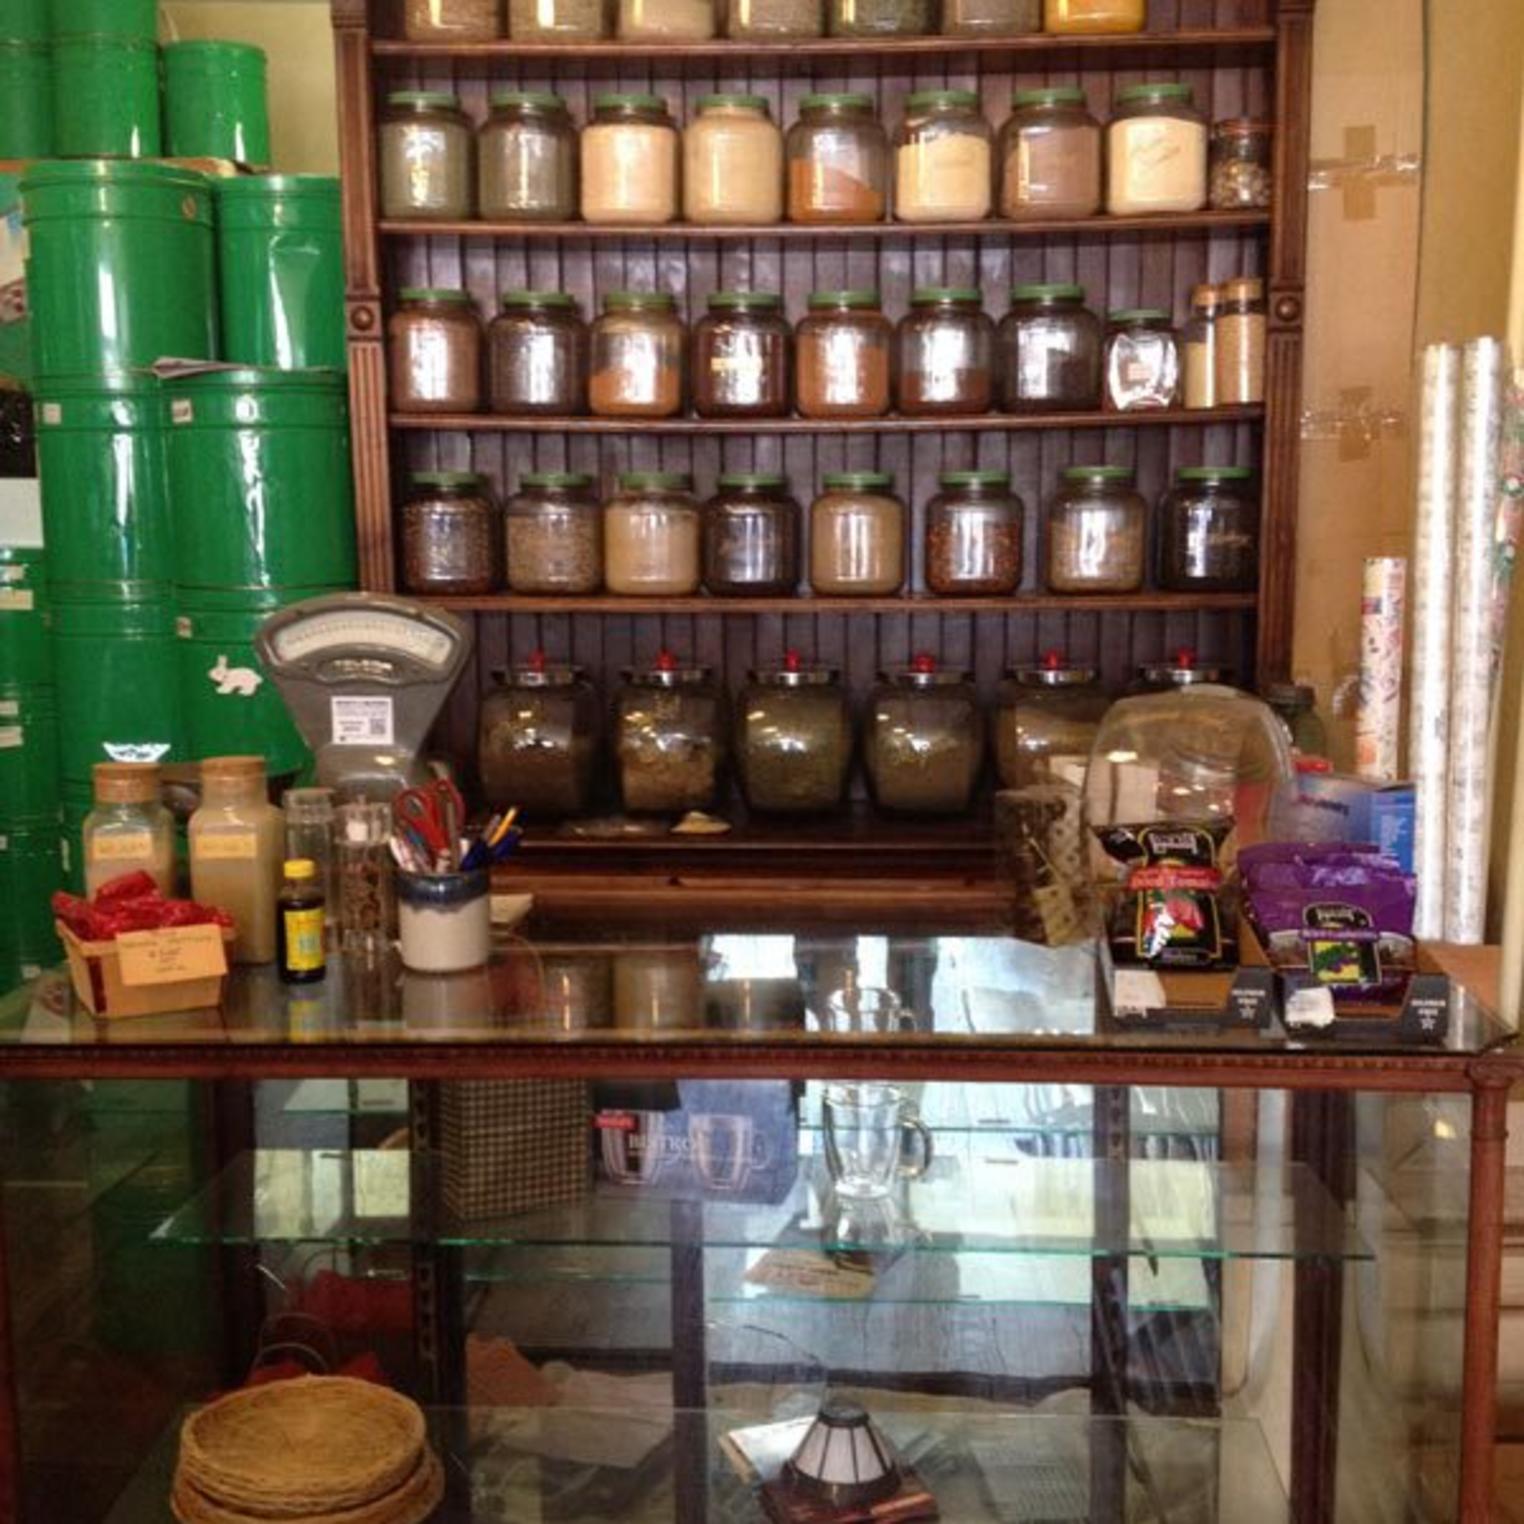 Kauffman's Tea Selection